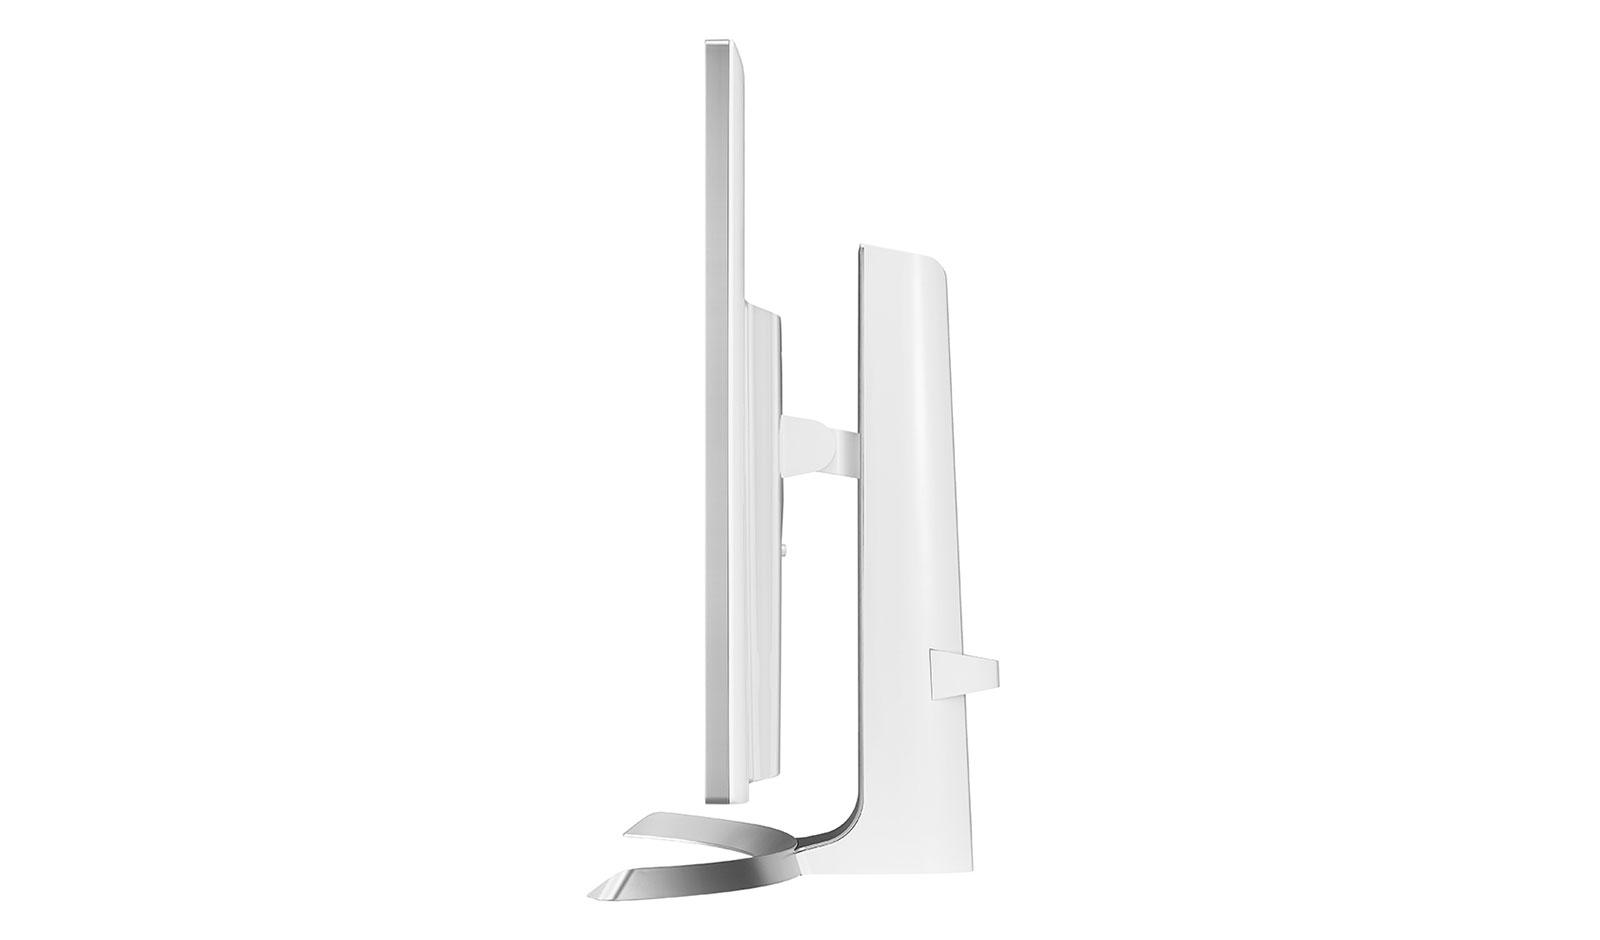 Profil pied bas LG 32UD99-W